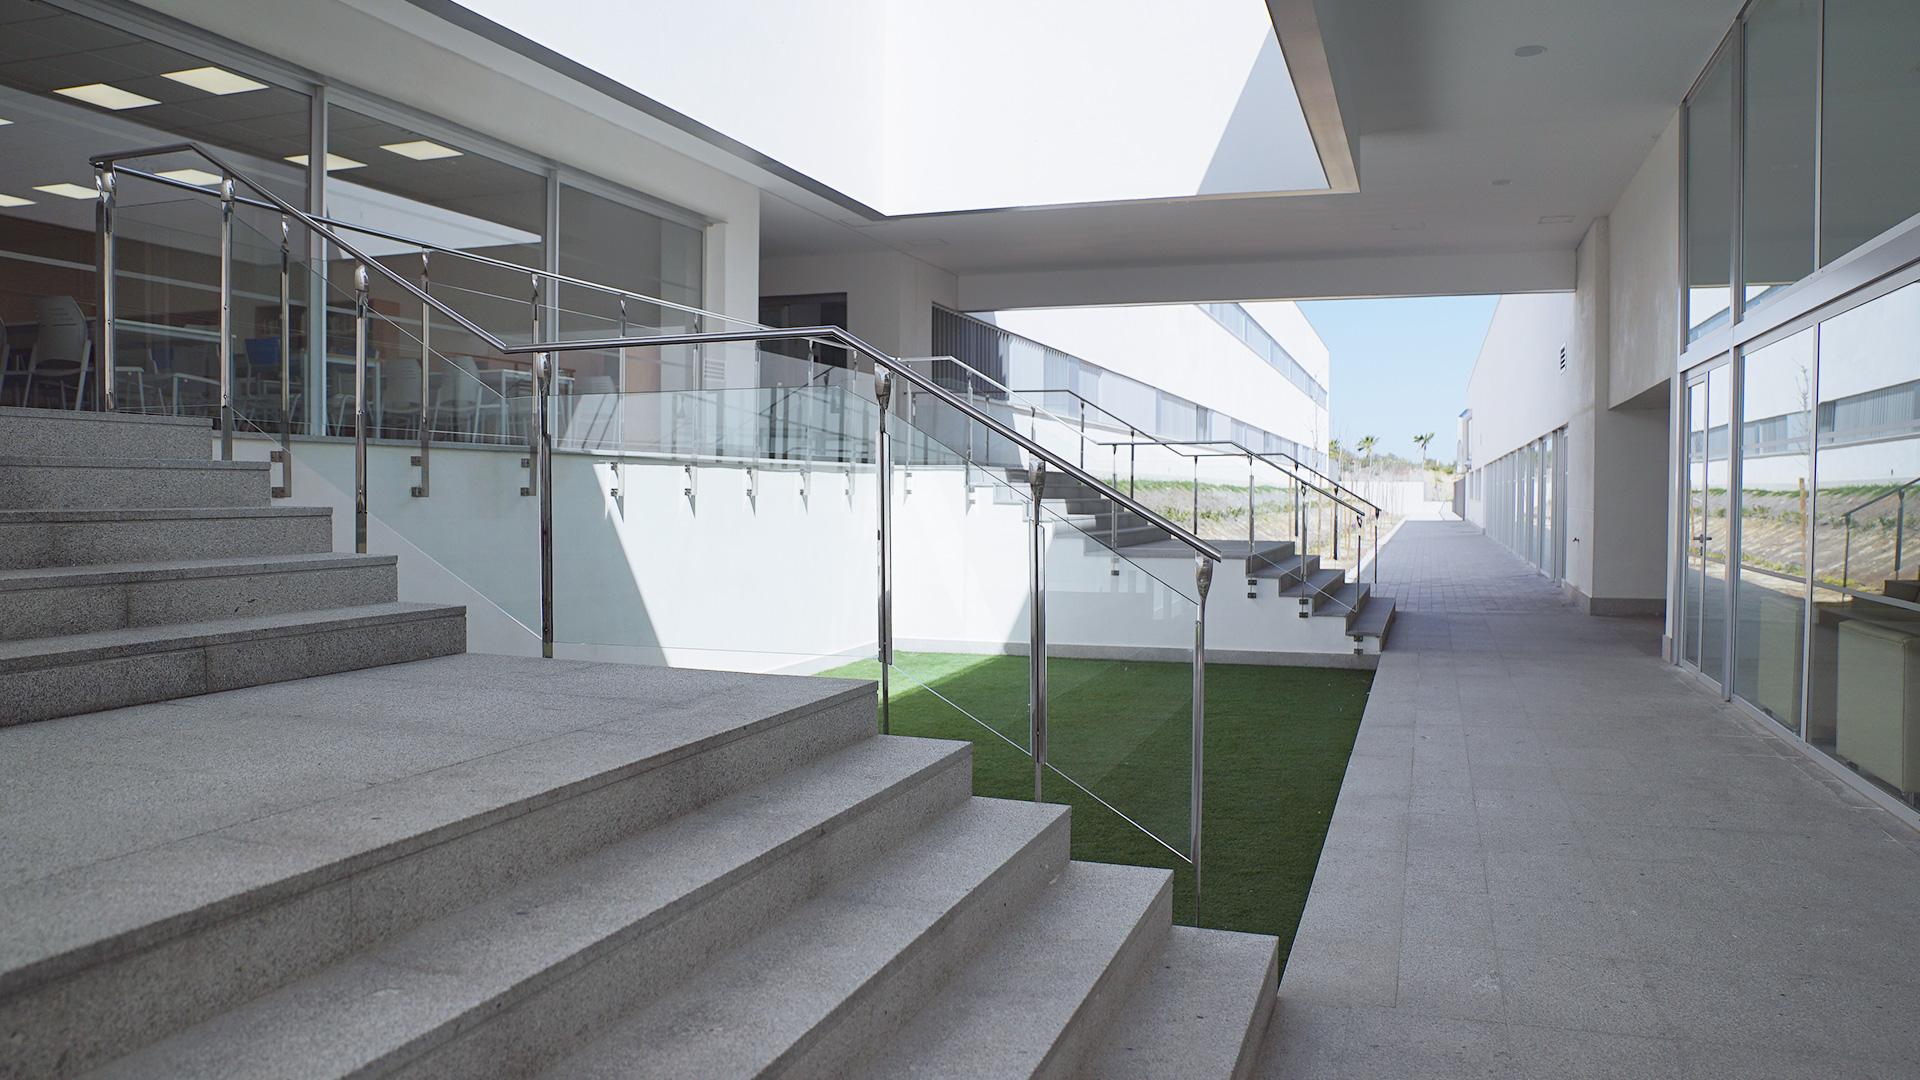 Escaleras primaria-secundaria